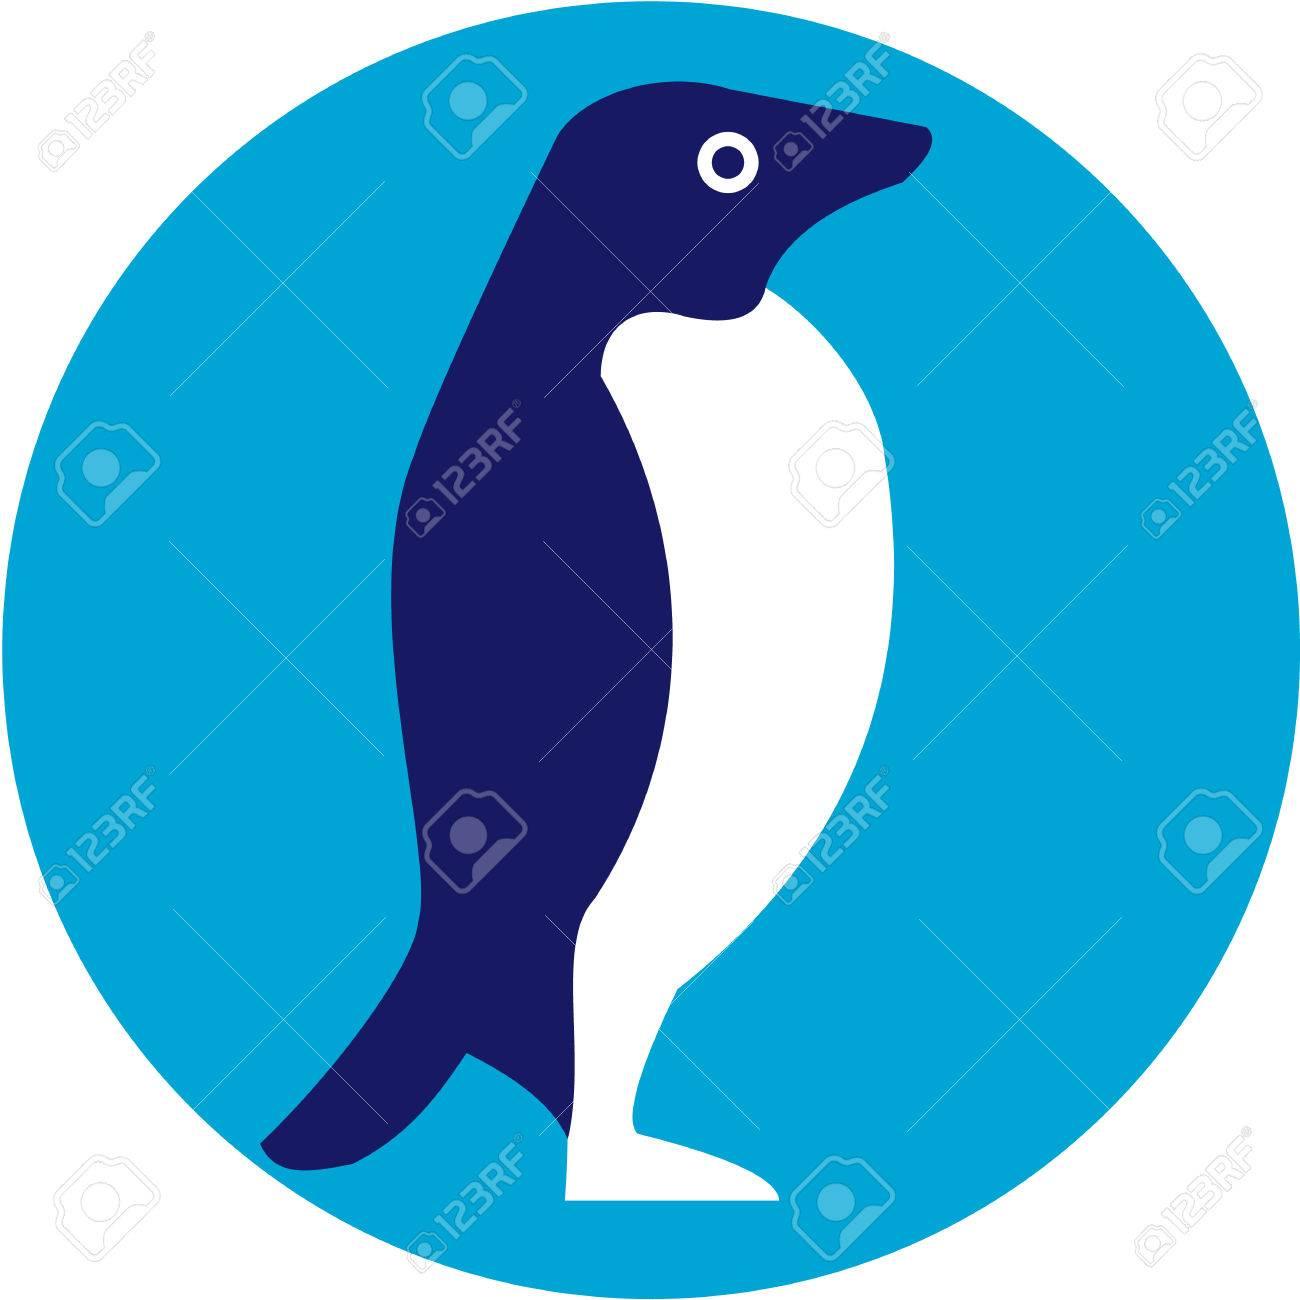 アデリー ペンギンや Pygoscelis adeliae  のイラスト、レトロなスタイルで行われるサークル内側から見た全体の南極の海岸に沿って共通のペンギンの種。